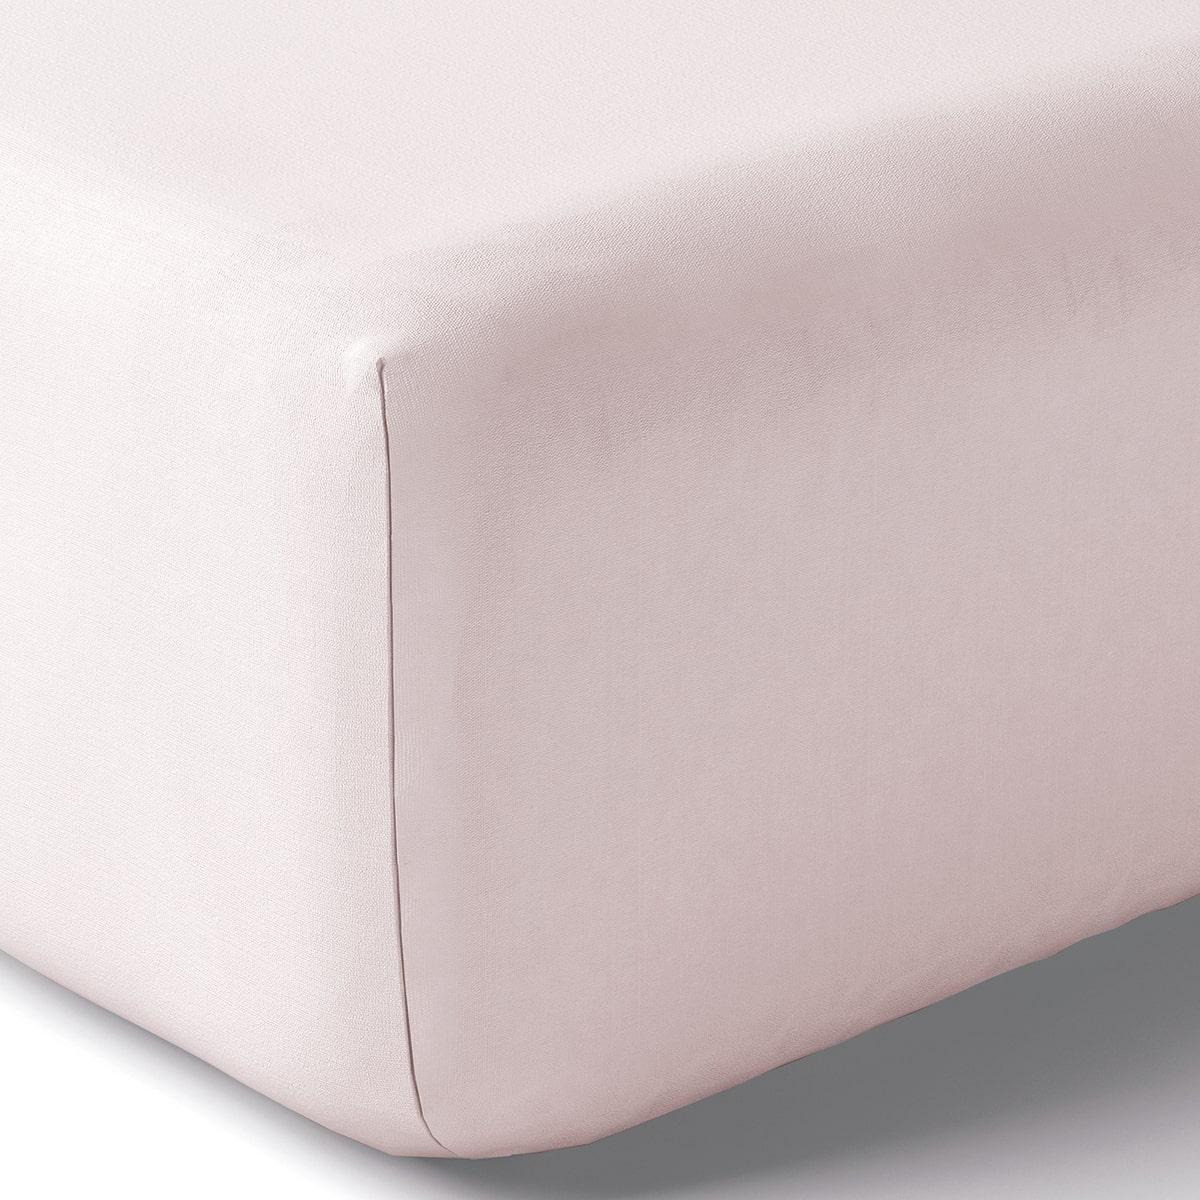 Drap housse coton 160x200 cm ecaille